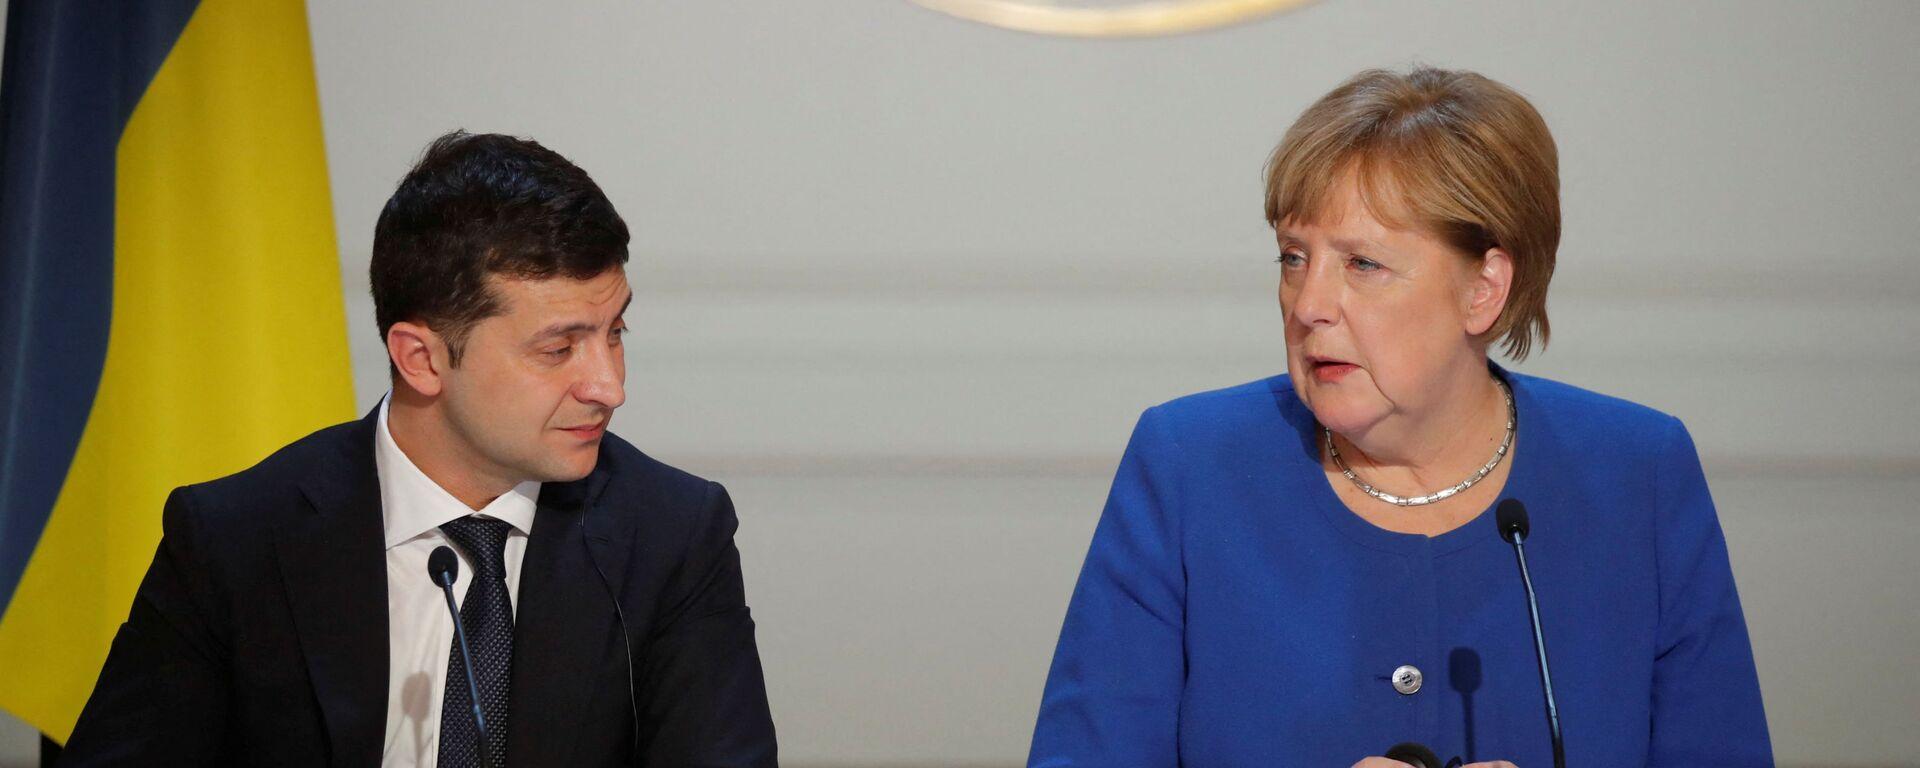 Prezident Ukrajiny Volodymyr Zelenskyj a kancléřka Německa Angela Merkelová na tiskové konferenci - Sputnik Česká republika, 1920, 14.08.2021